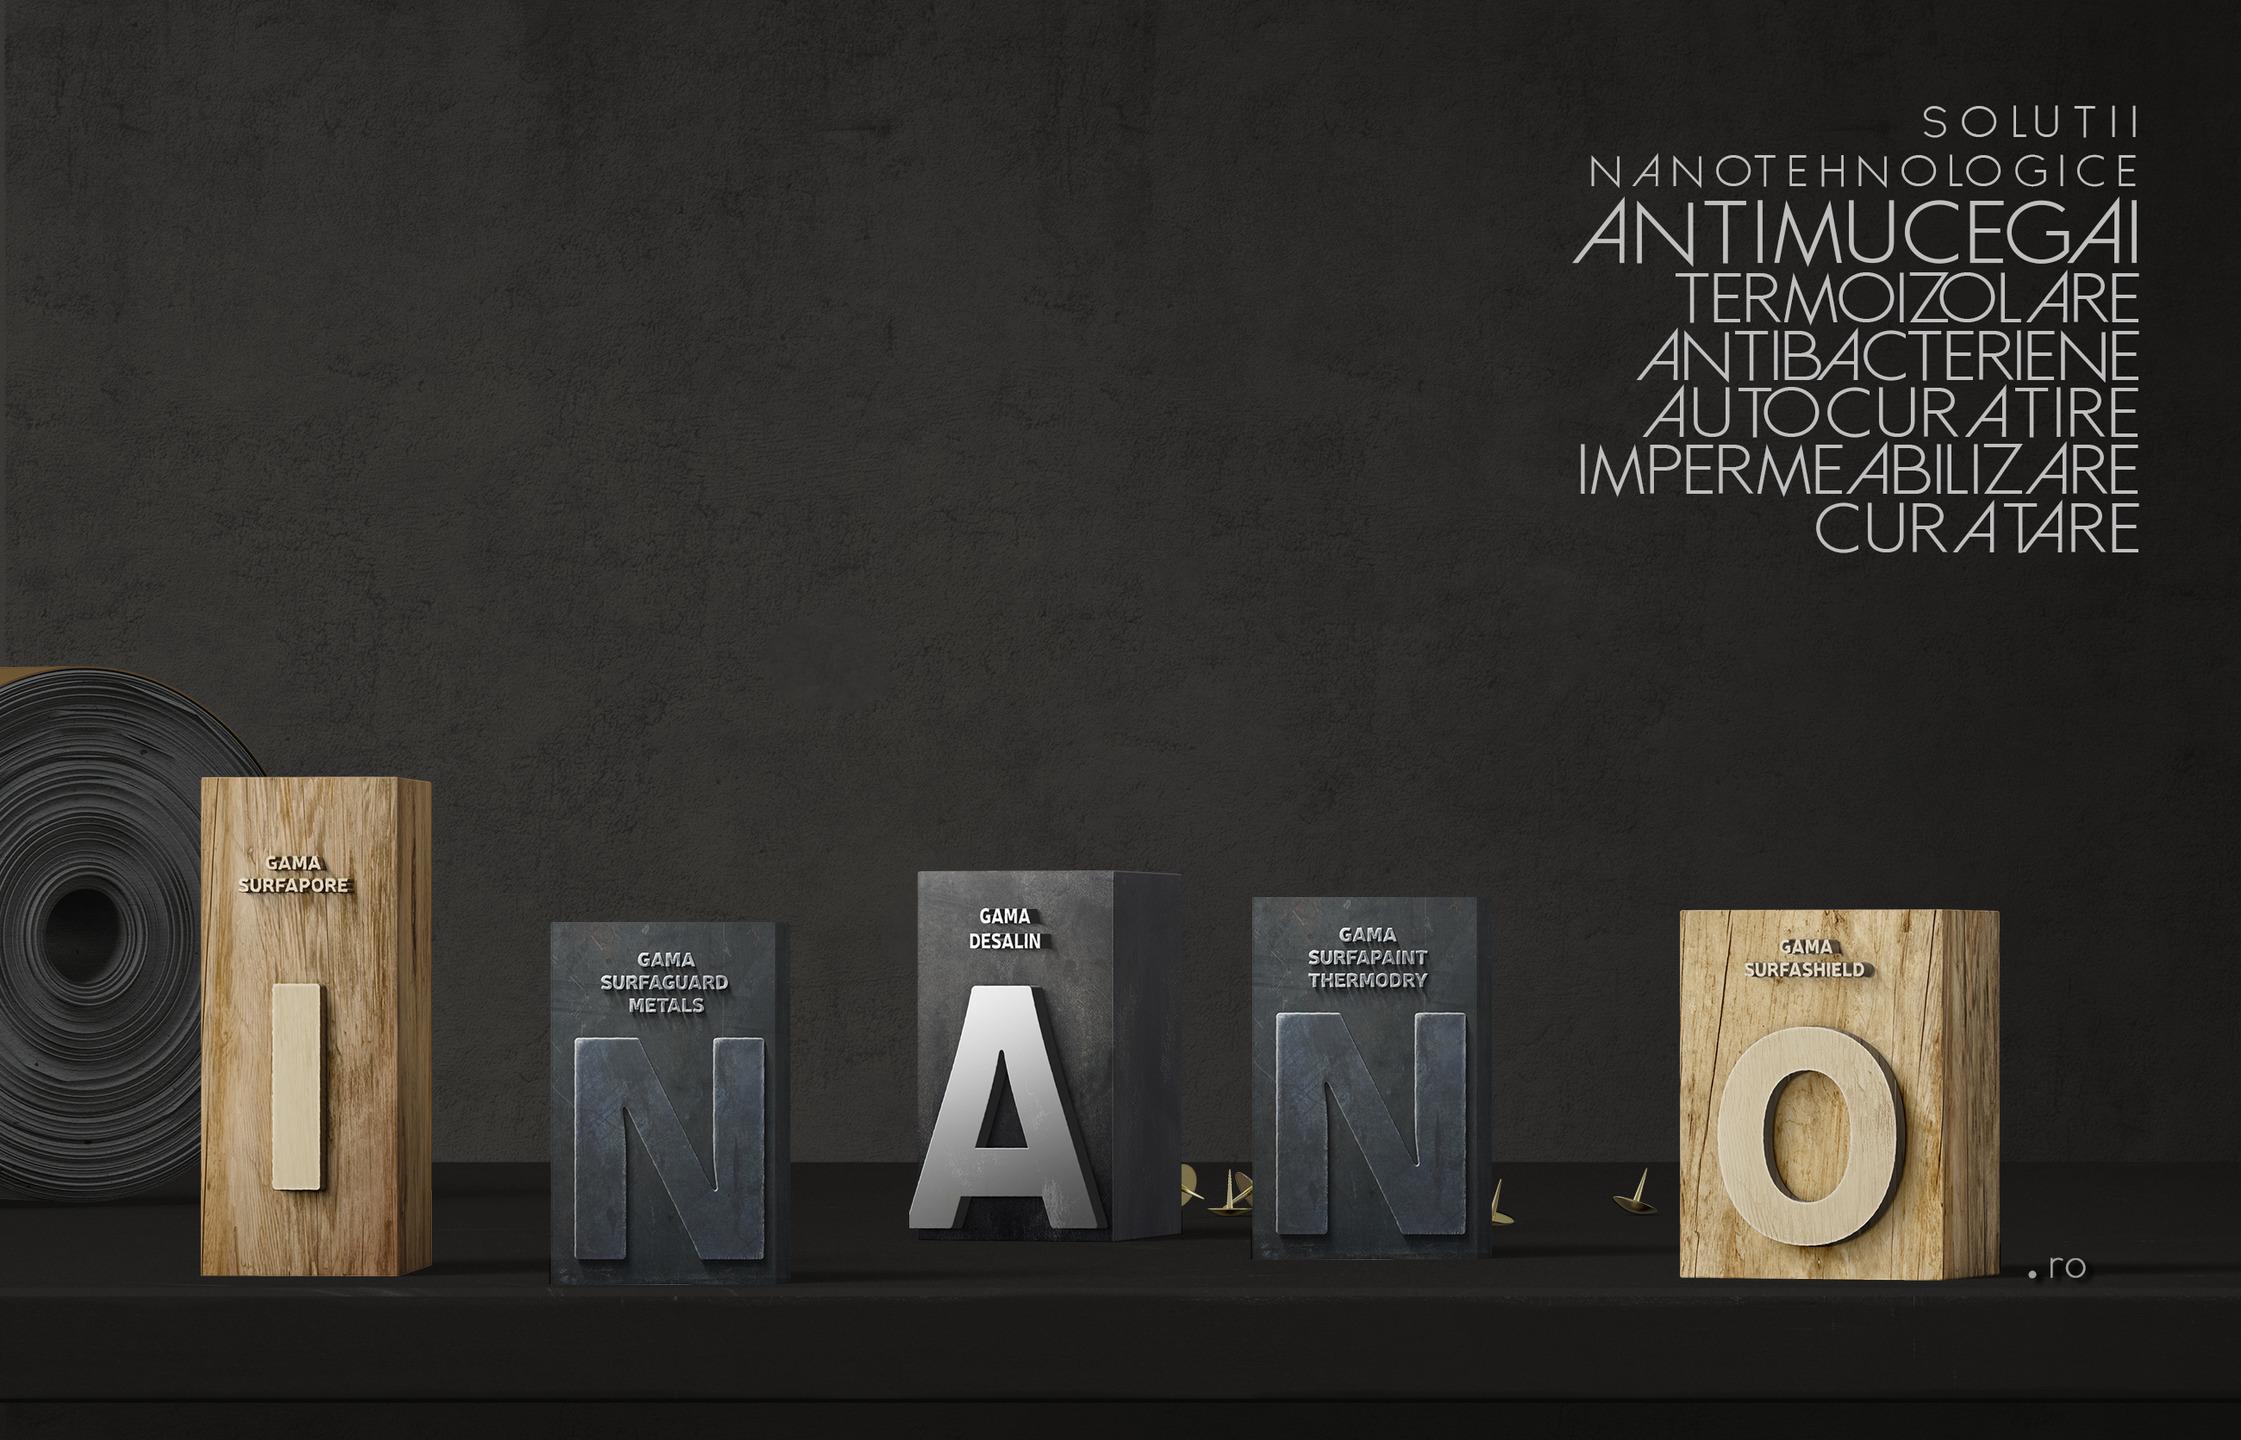 inano romania (@inano) Cover Image